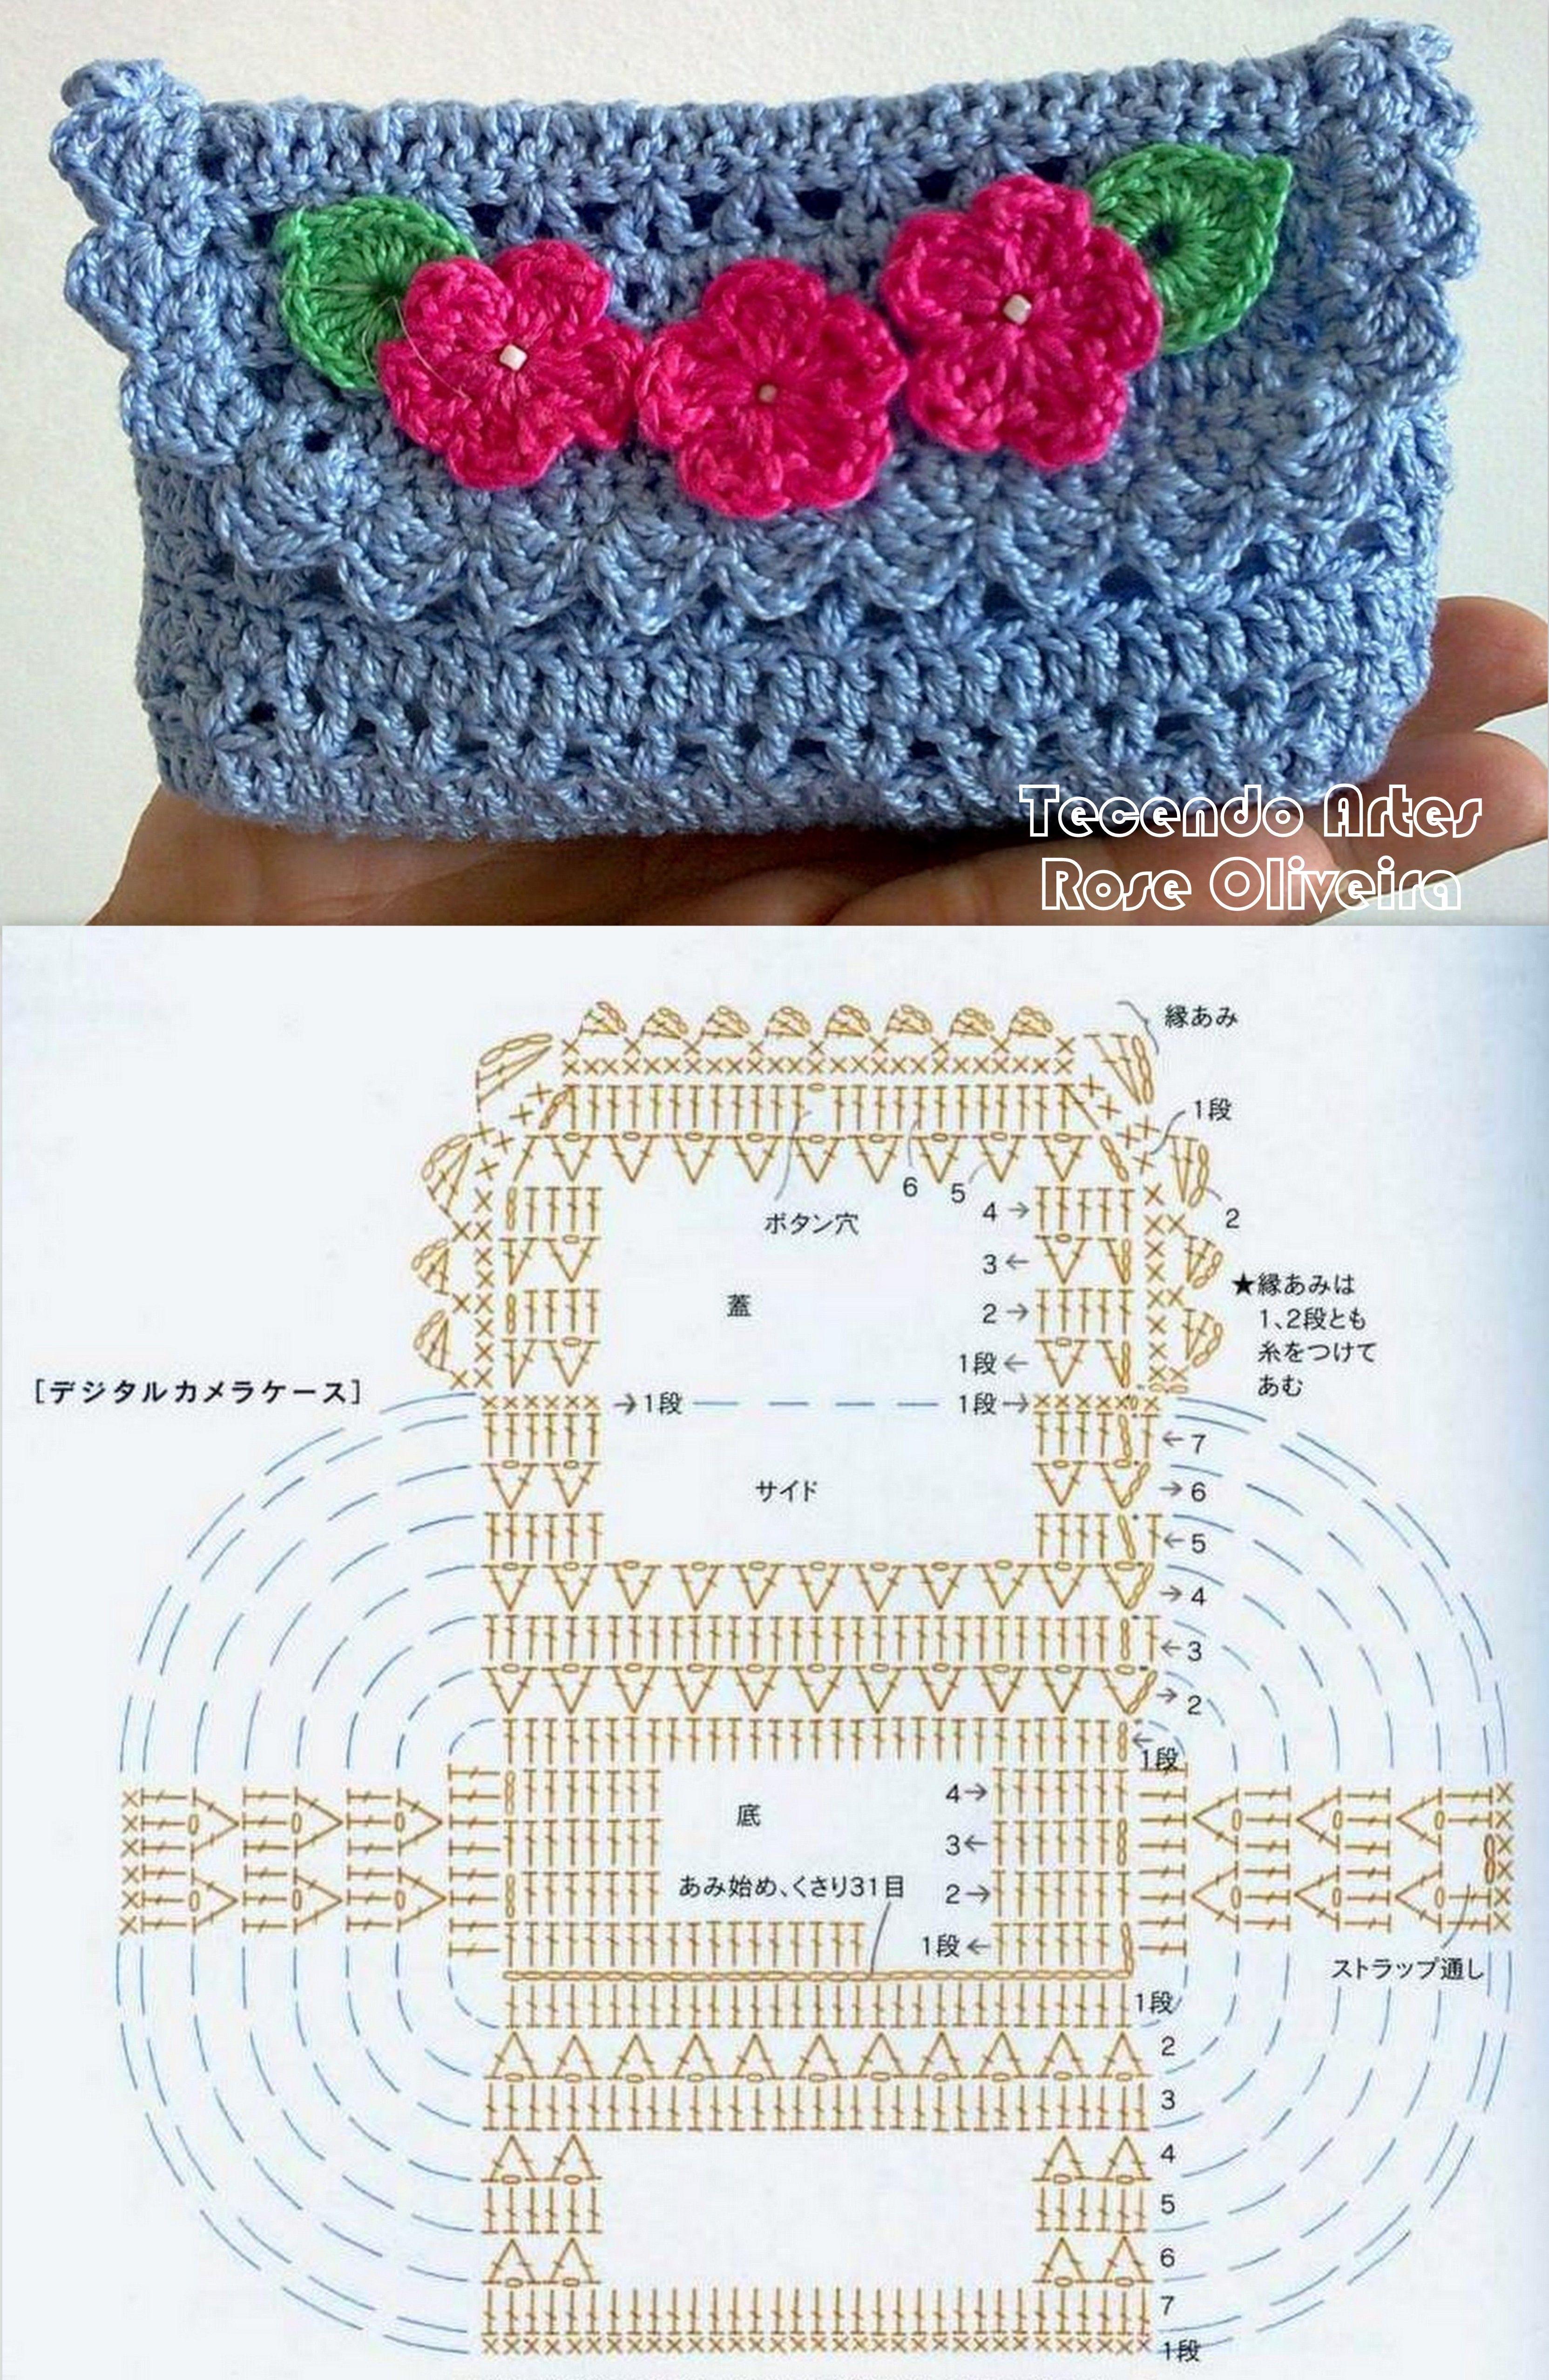 Pin By Toby Herz On Crochet Pinterest Crocheted Bags Crochet